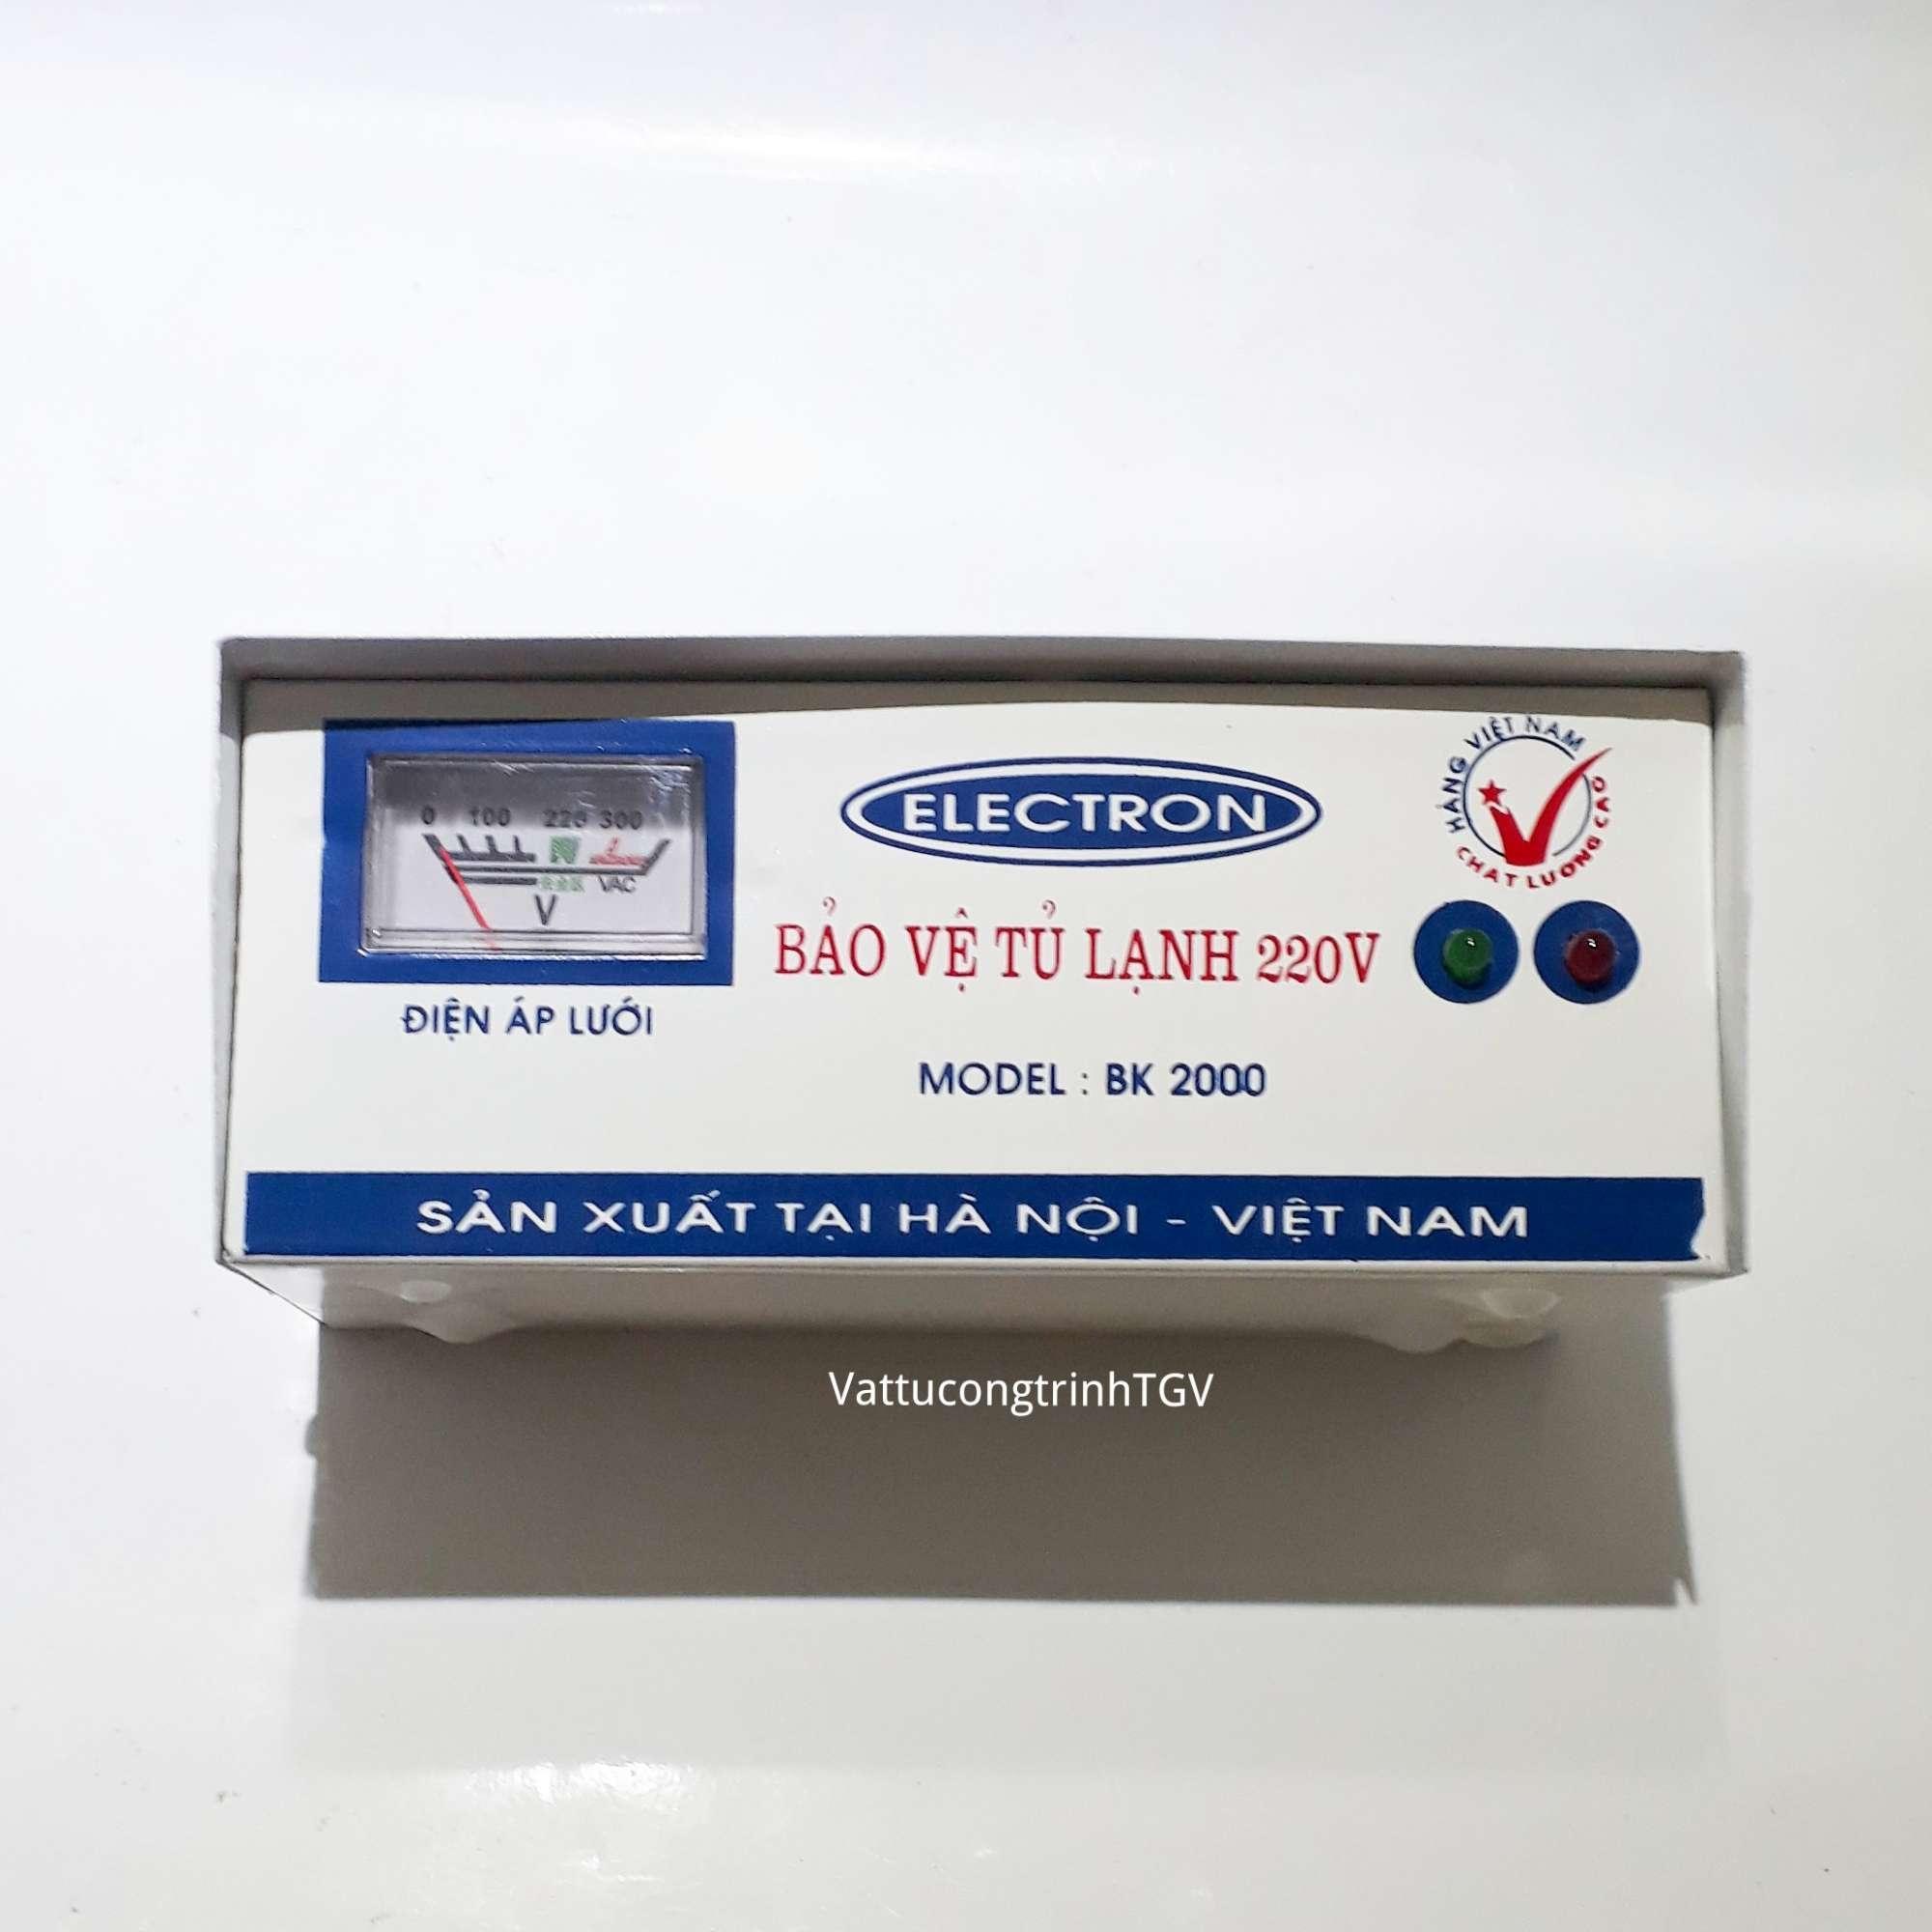 Thiết bị bảo vệ tủ lạnh BK2000